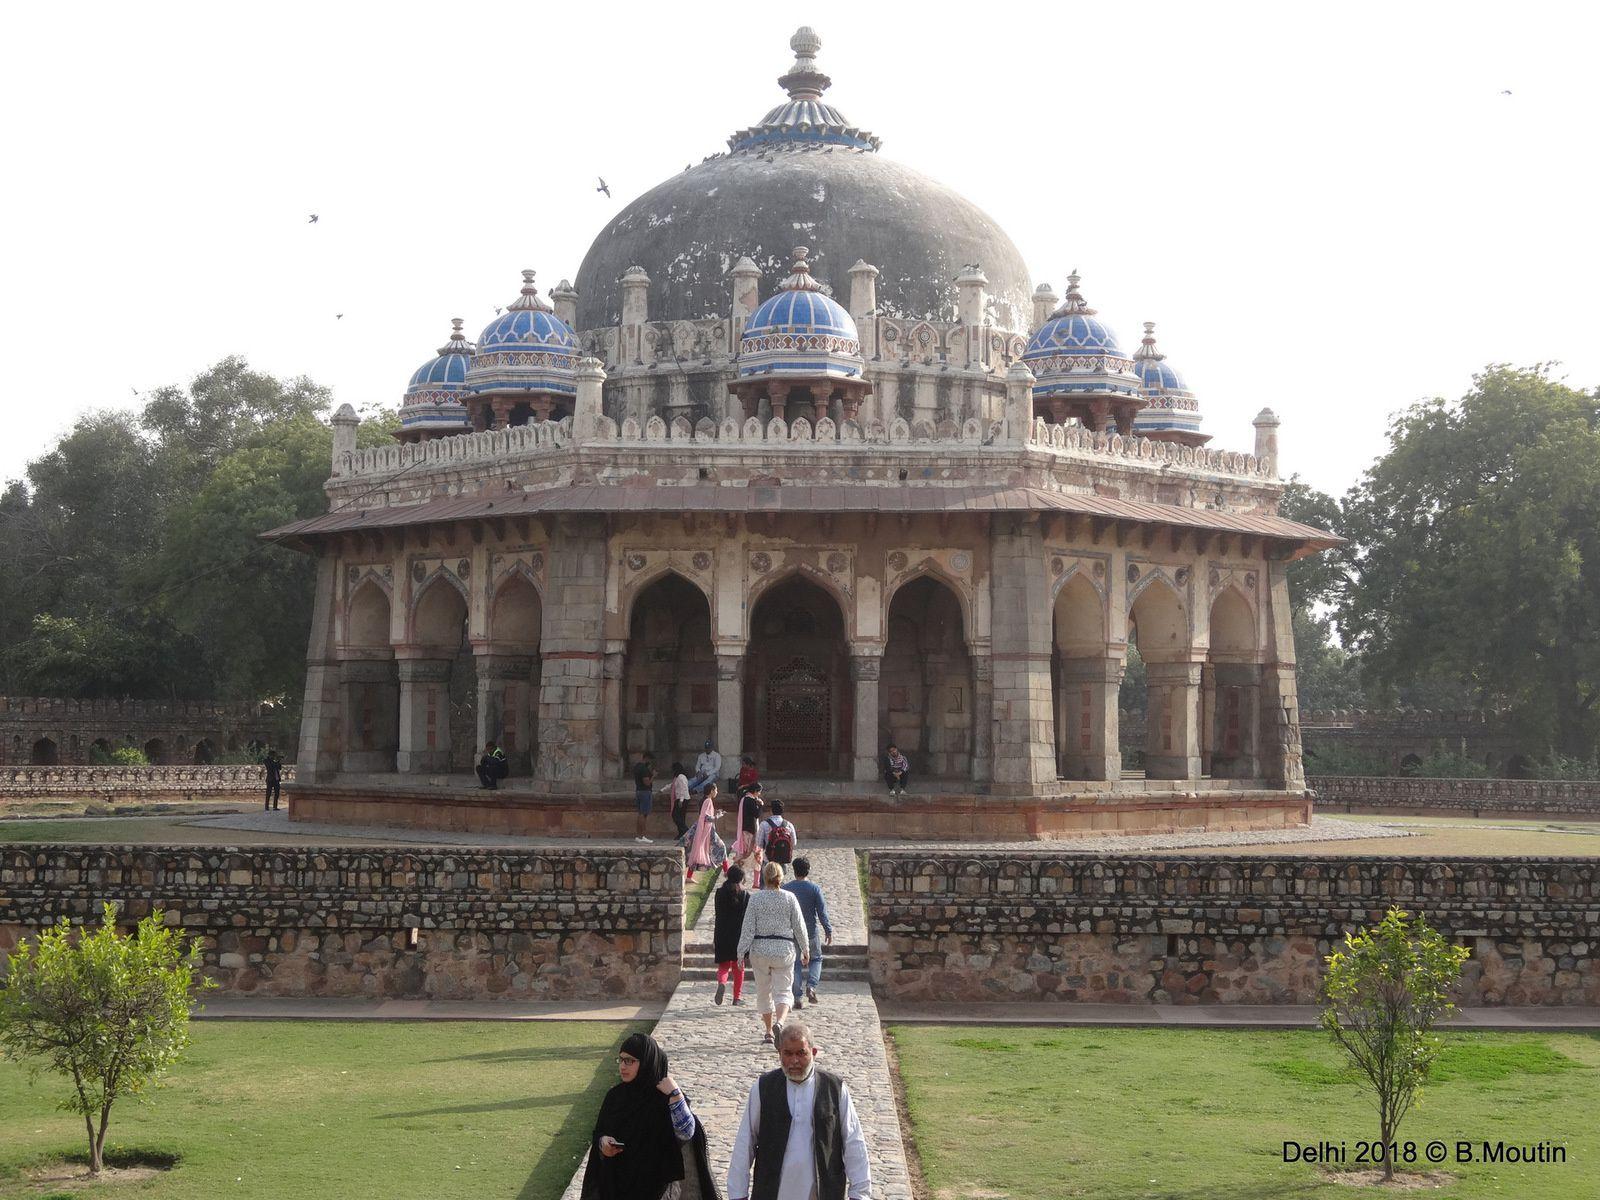 Le Mausolée d'Humayun à Delhi, qui inspira le TAJ MAHAL (7 photos)